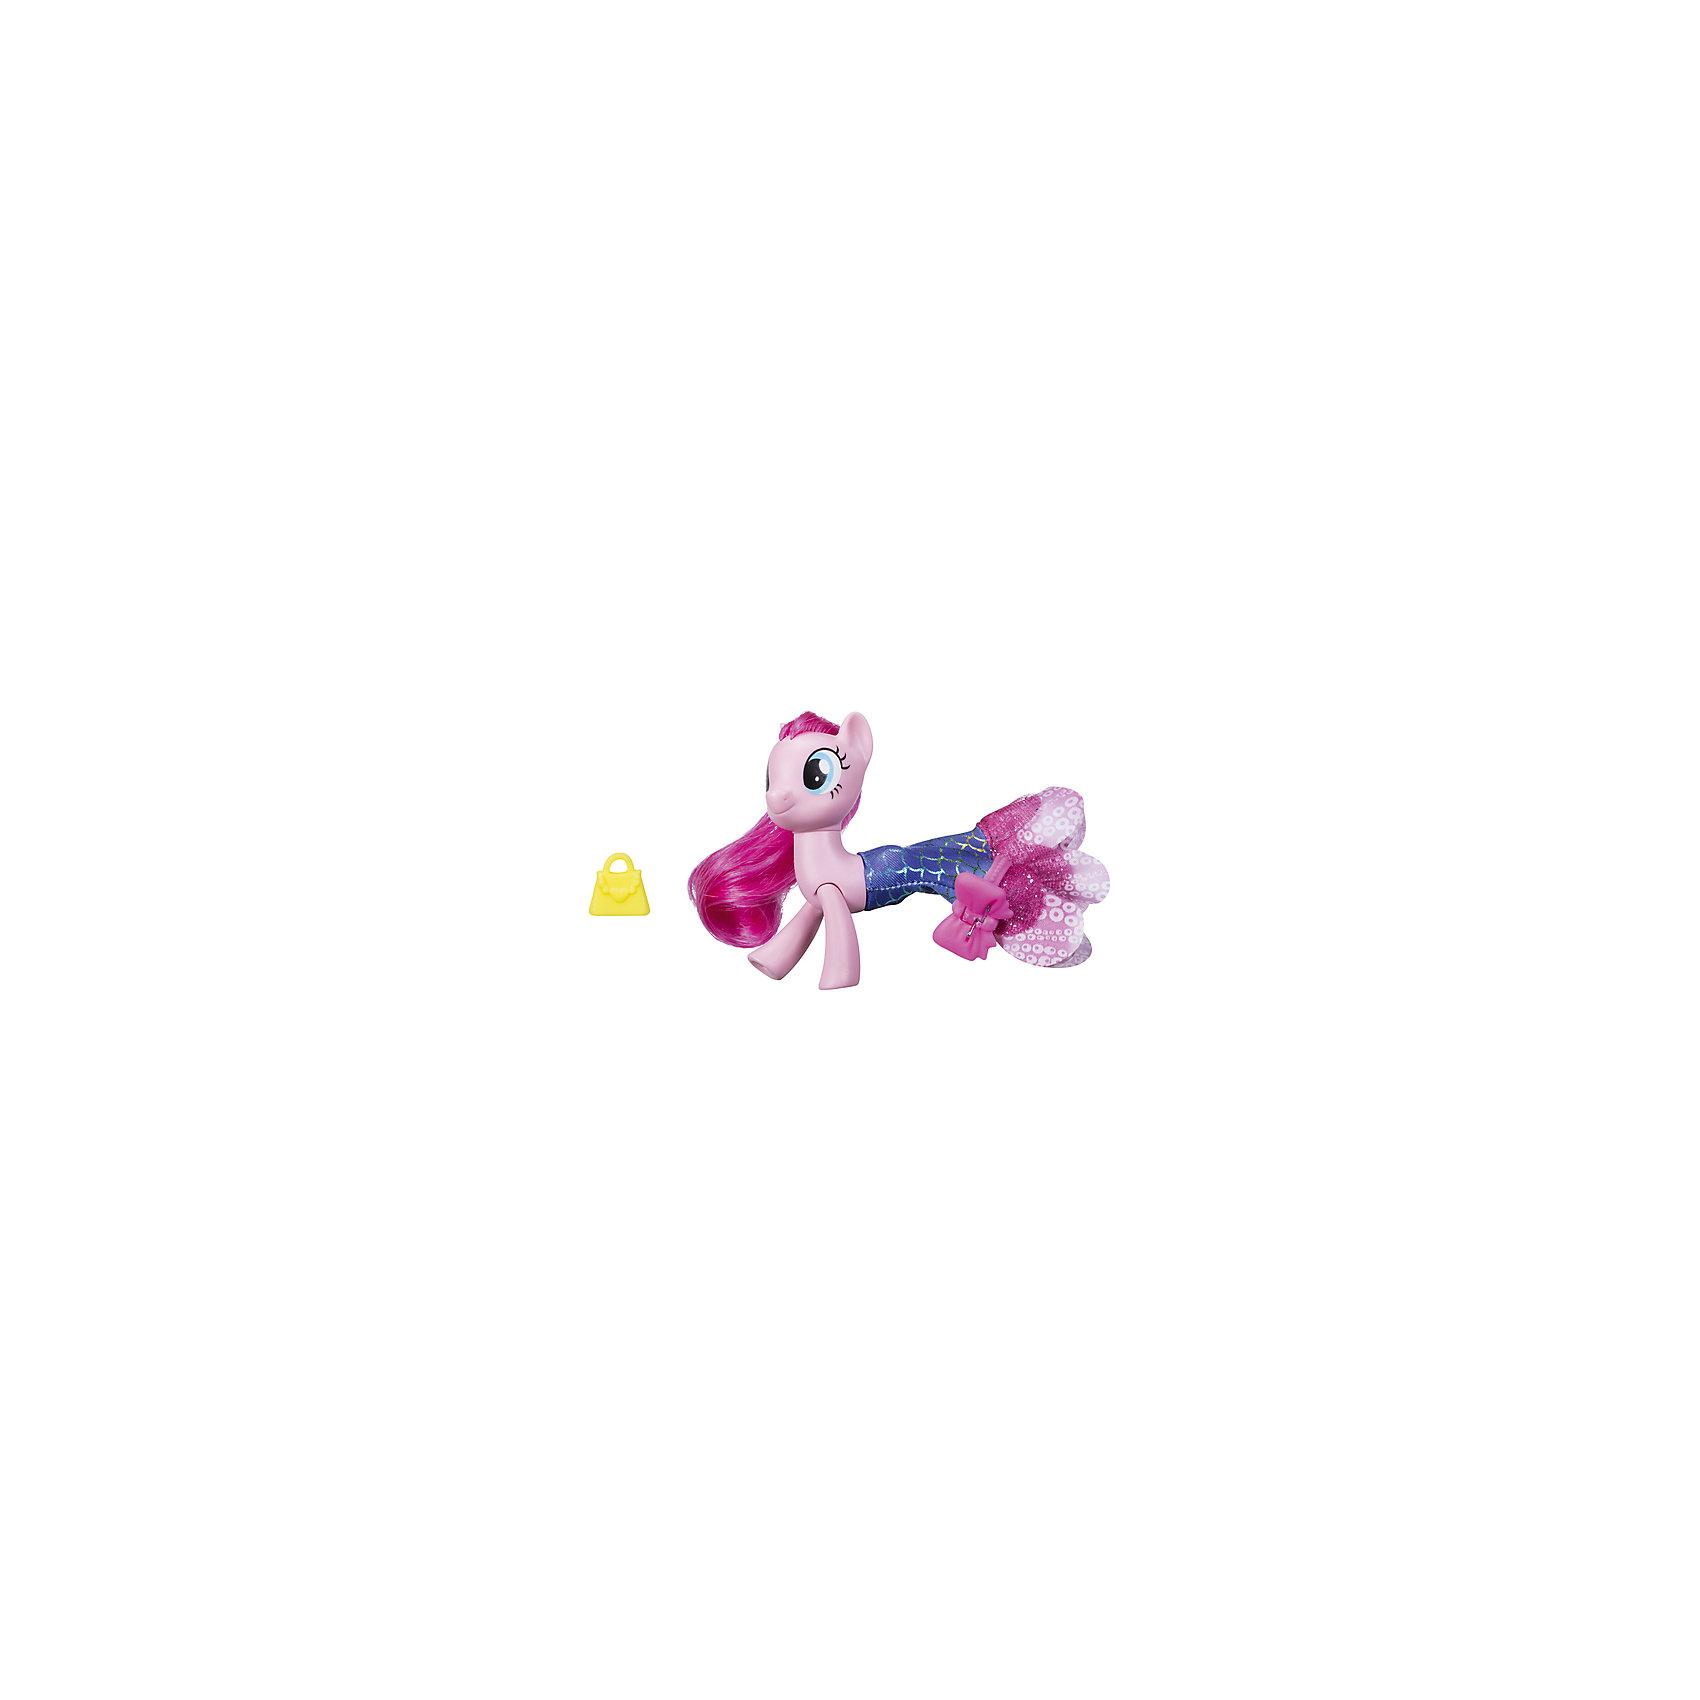 Игровой набор Hasbro My little Pony Мерцание. Пони в волшебных платьях, Пинки ПайЛюбимые герои<br>Характеристики:<br><br>• в наборе представлен персонаж из серии «Мерцание;<br>• особенностью игрушки является облачение пони в волшебное платье;<br>• материал фигурки: пластик;<br>• дополнительные аксессуары позволяют разнообразить игру;<br>• фигурки можно использовать в комбинации с различными игровыми наборами MLP.<br><br>MLP «Мерцание» Пони в волшебных платьях можно купить в нашем интернет-магазине.<br><br>Ширина мм: 209<br>Глубина мм: 182<br>Высота мм: 58<br>Вес г: 131<br>Возраст от месяцев: 36<br>Возраст до месяцев: 72<br>Пол: Женский<br>Возраст: Детский<br>SKU: 7120209